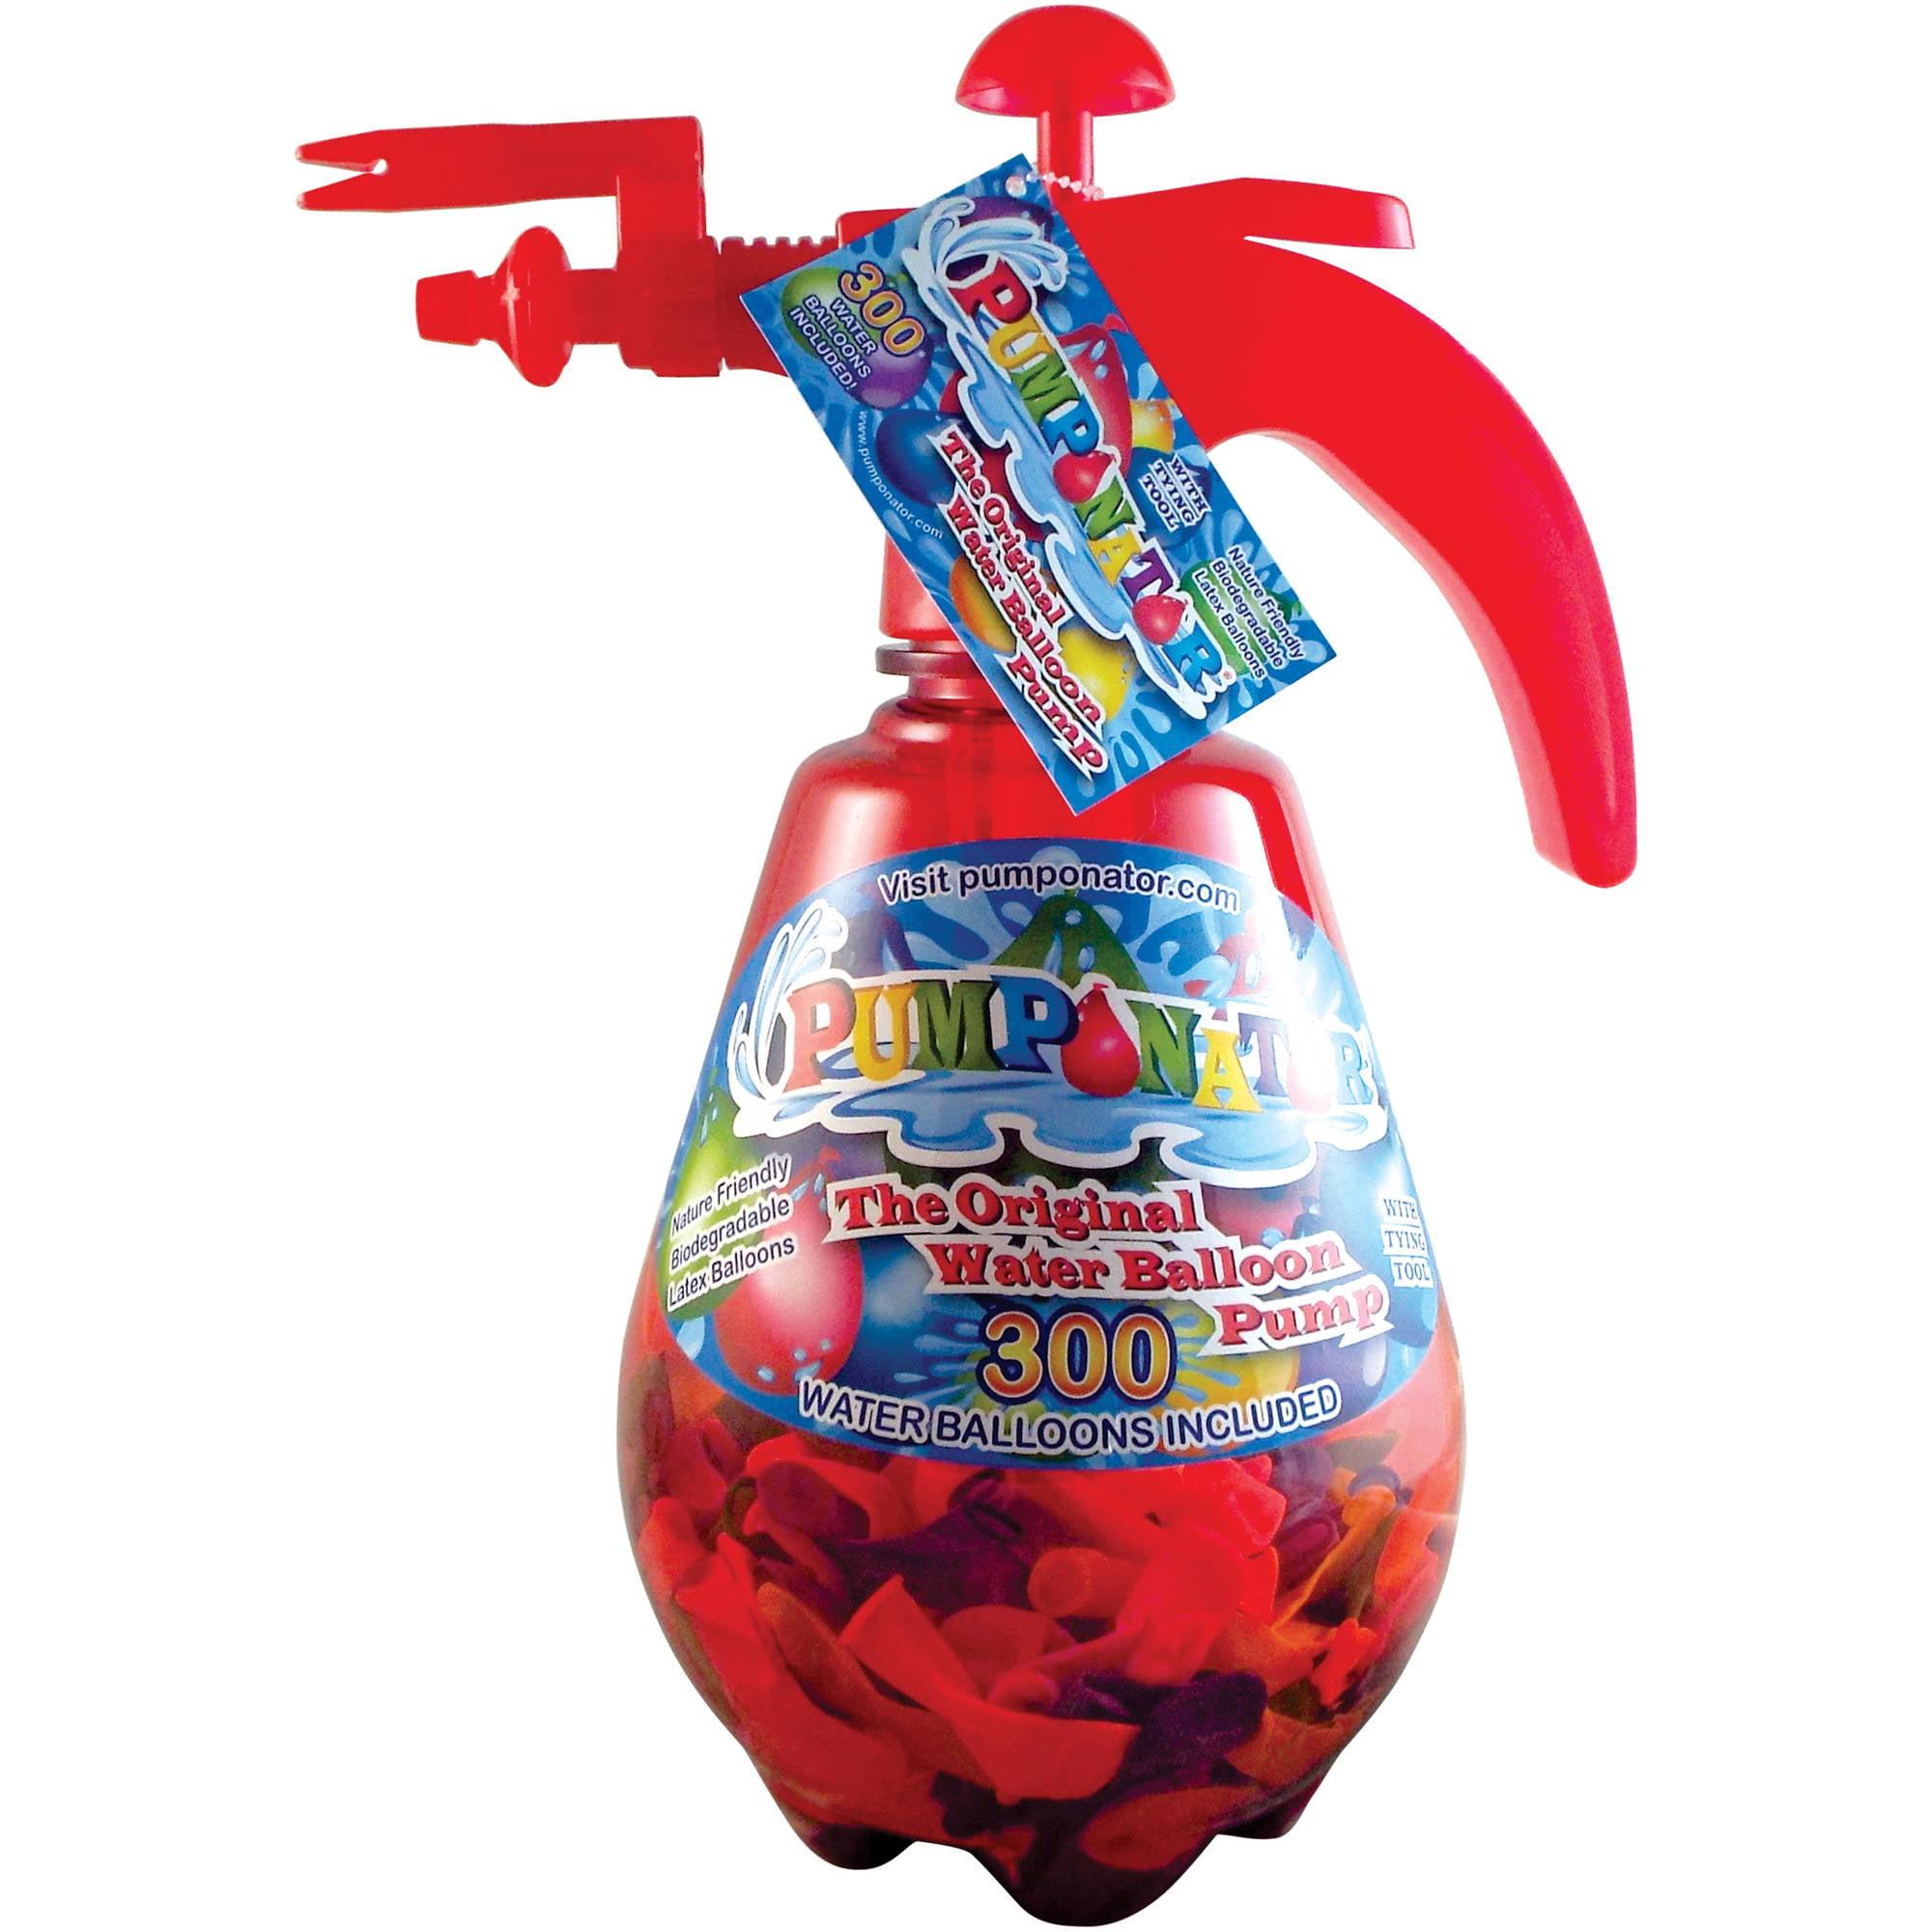 Pumponator Clear PUMP0212R Balloon Pump, Red